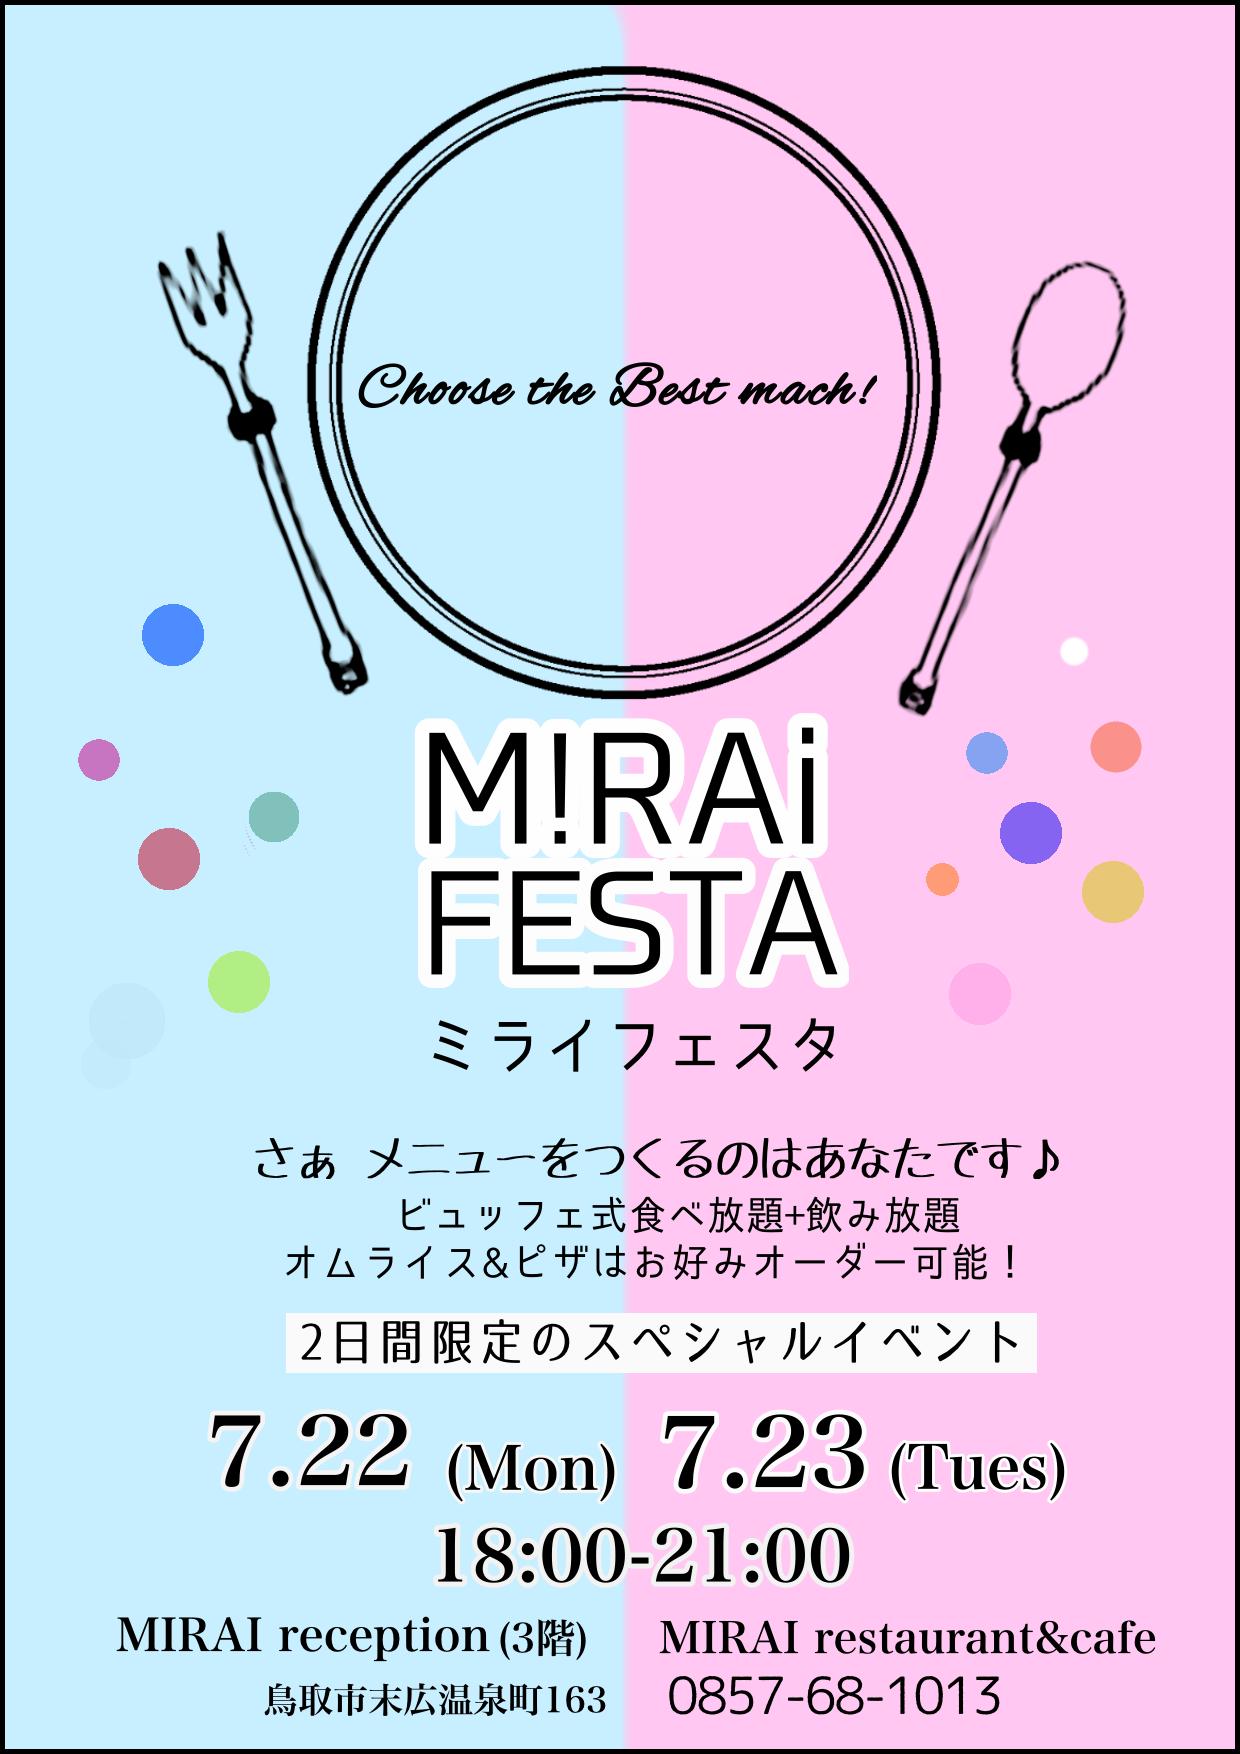 ☆MIRAI FESTA☆ 〜メニューをつくるのはあなたです!〜_c0229219_11525681.png